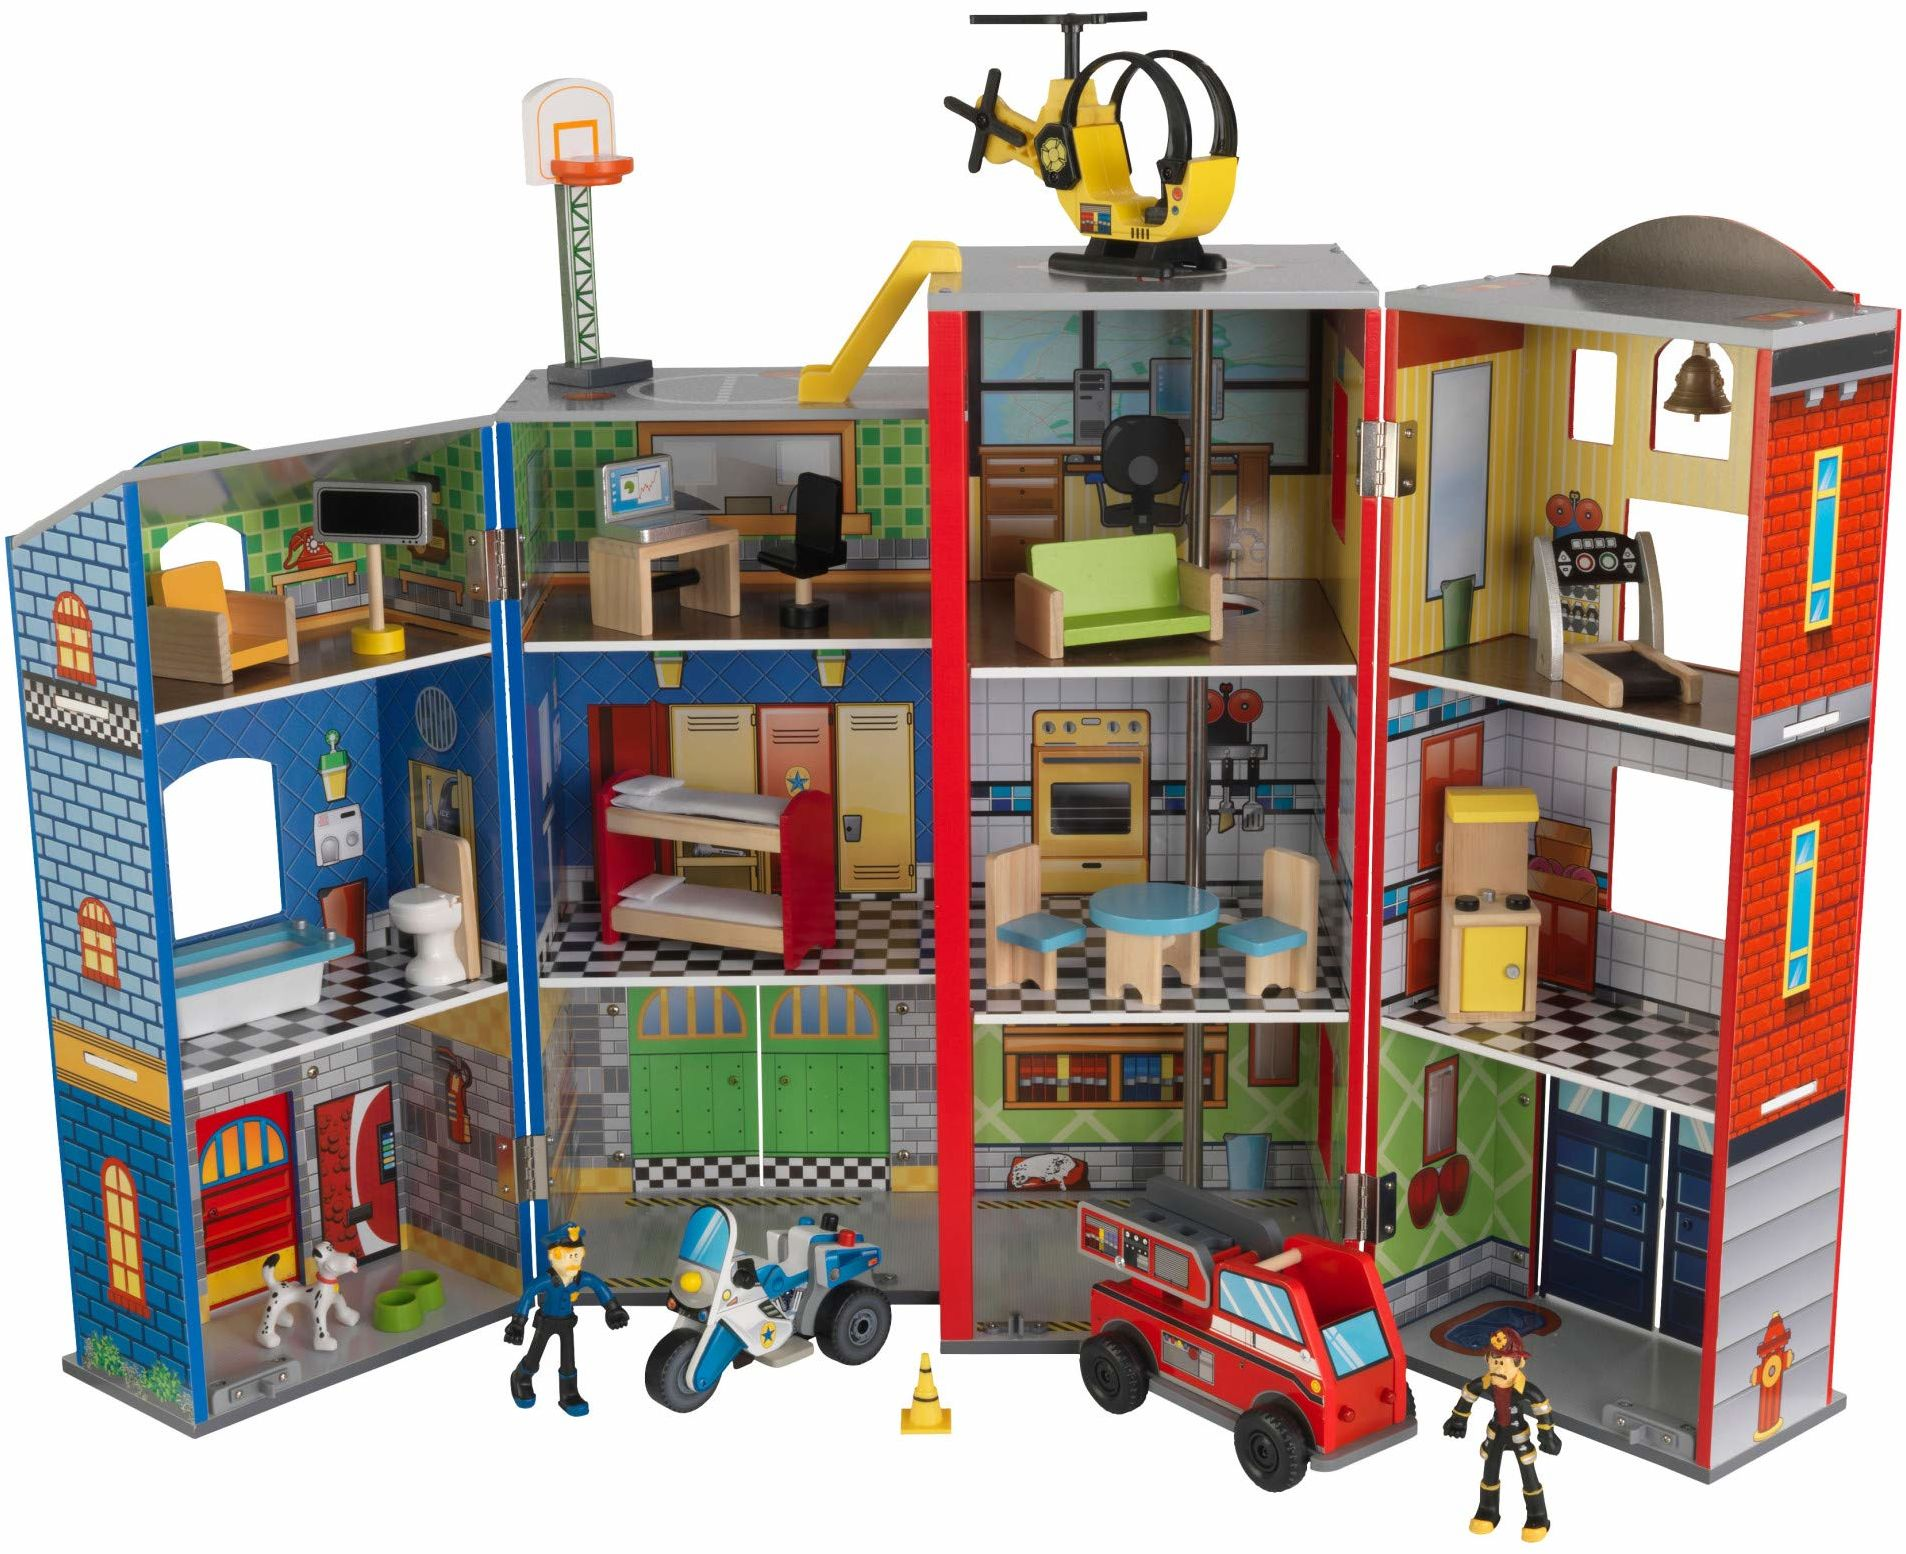 KidKraft 63239 Everyday Heroes domek strażacki i straż policyjna zestaw zabawek z drewna, kolorowy, 12 000